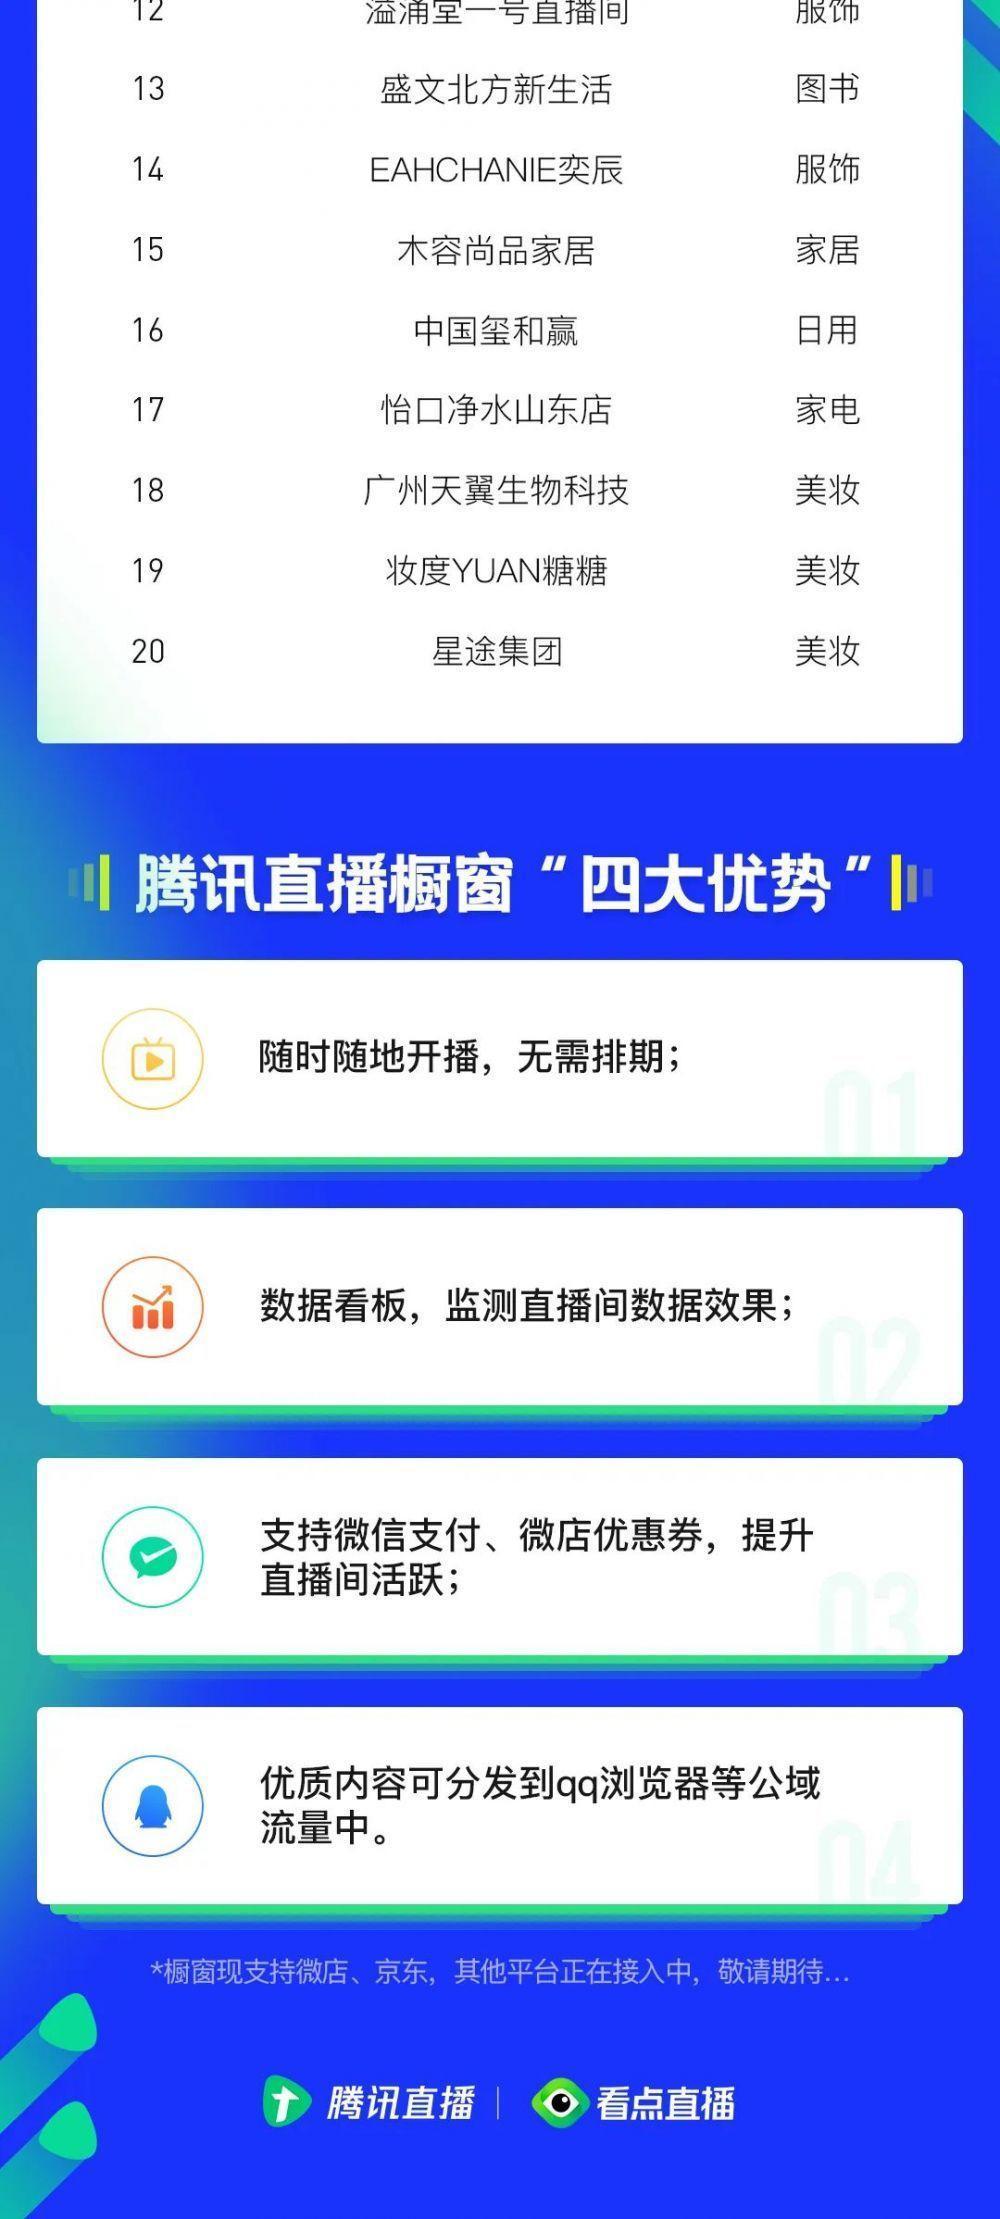 小品牌大力量!<a href='http://www.zhouxiaohui.cn'>腾讯直播</a>橱窗争霸赛战报来了!-第3张图片-周小辉博客